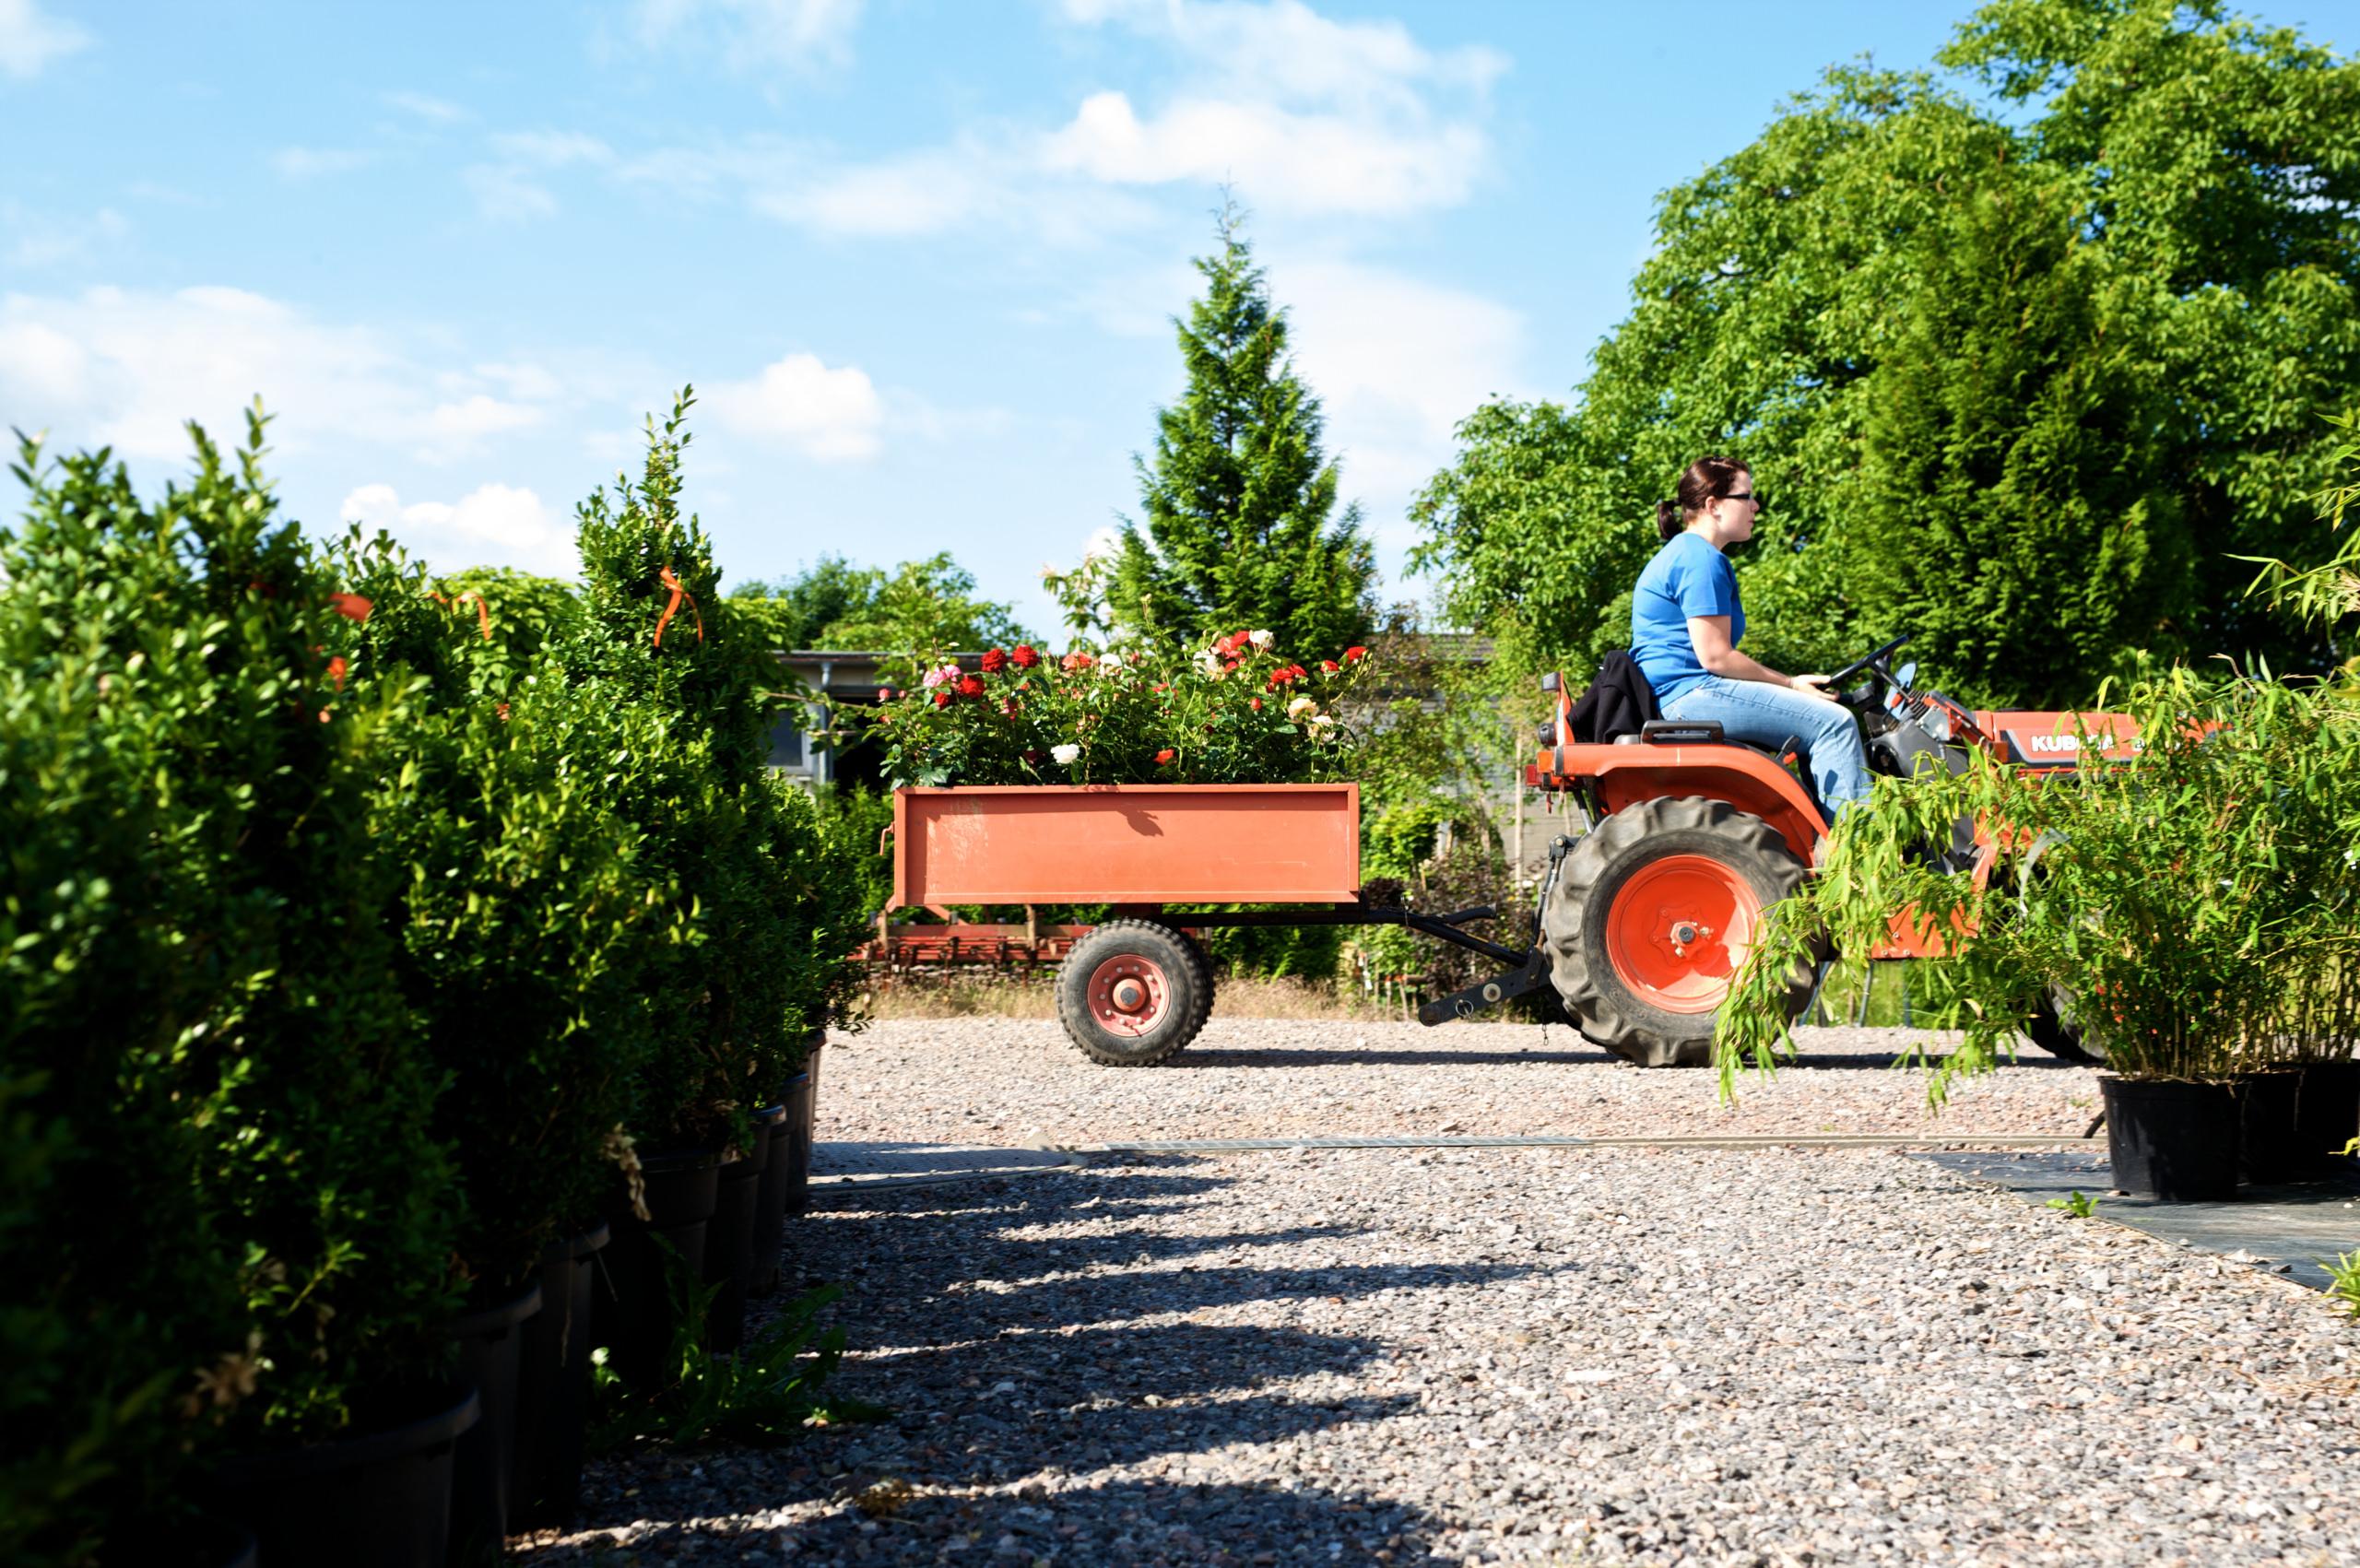 Gärtnerin der Manz Gartenwelt in Stühlingen-Schwerzen am Hochrhein auf der Freilandfläche der Baumschule.